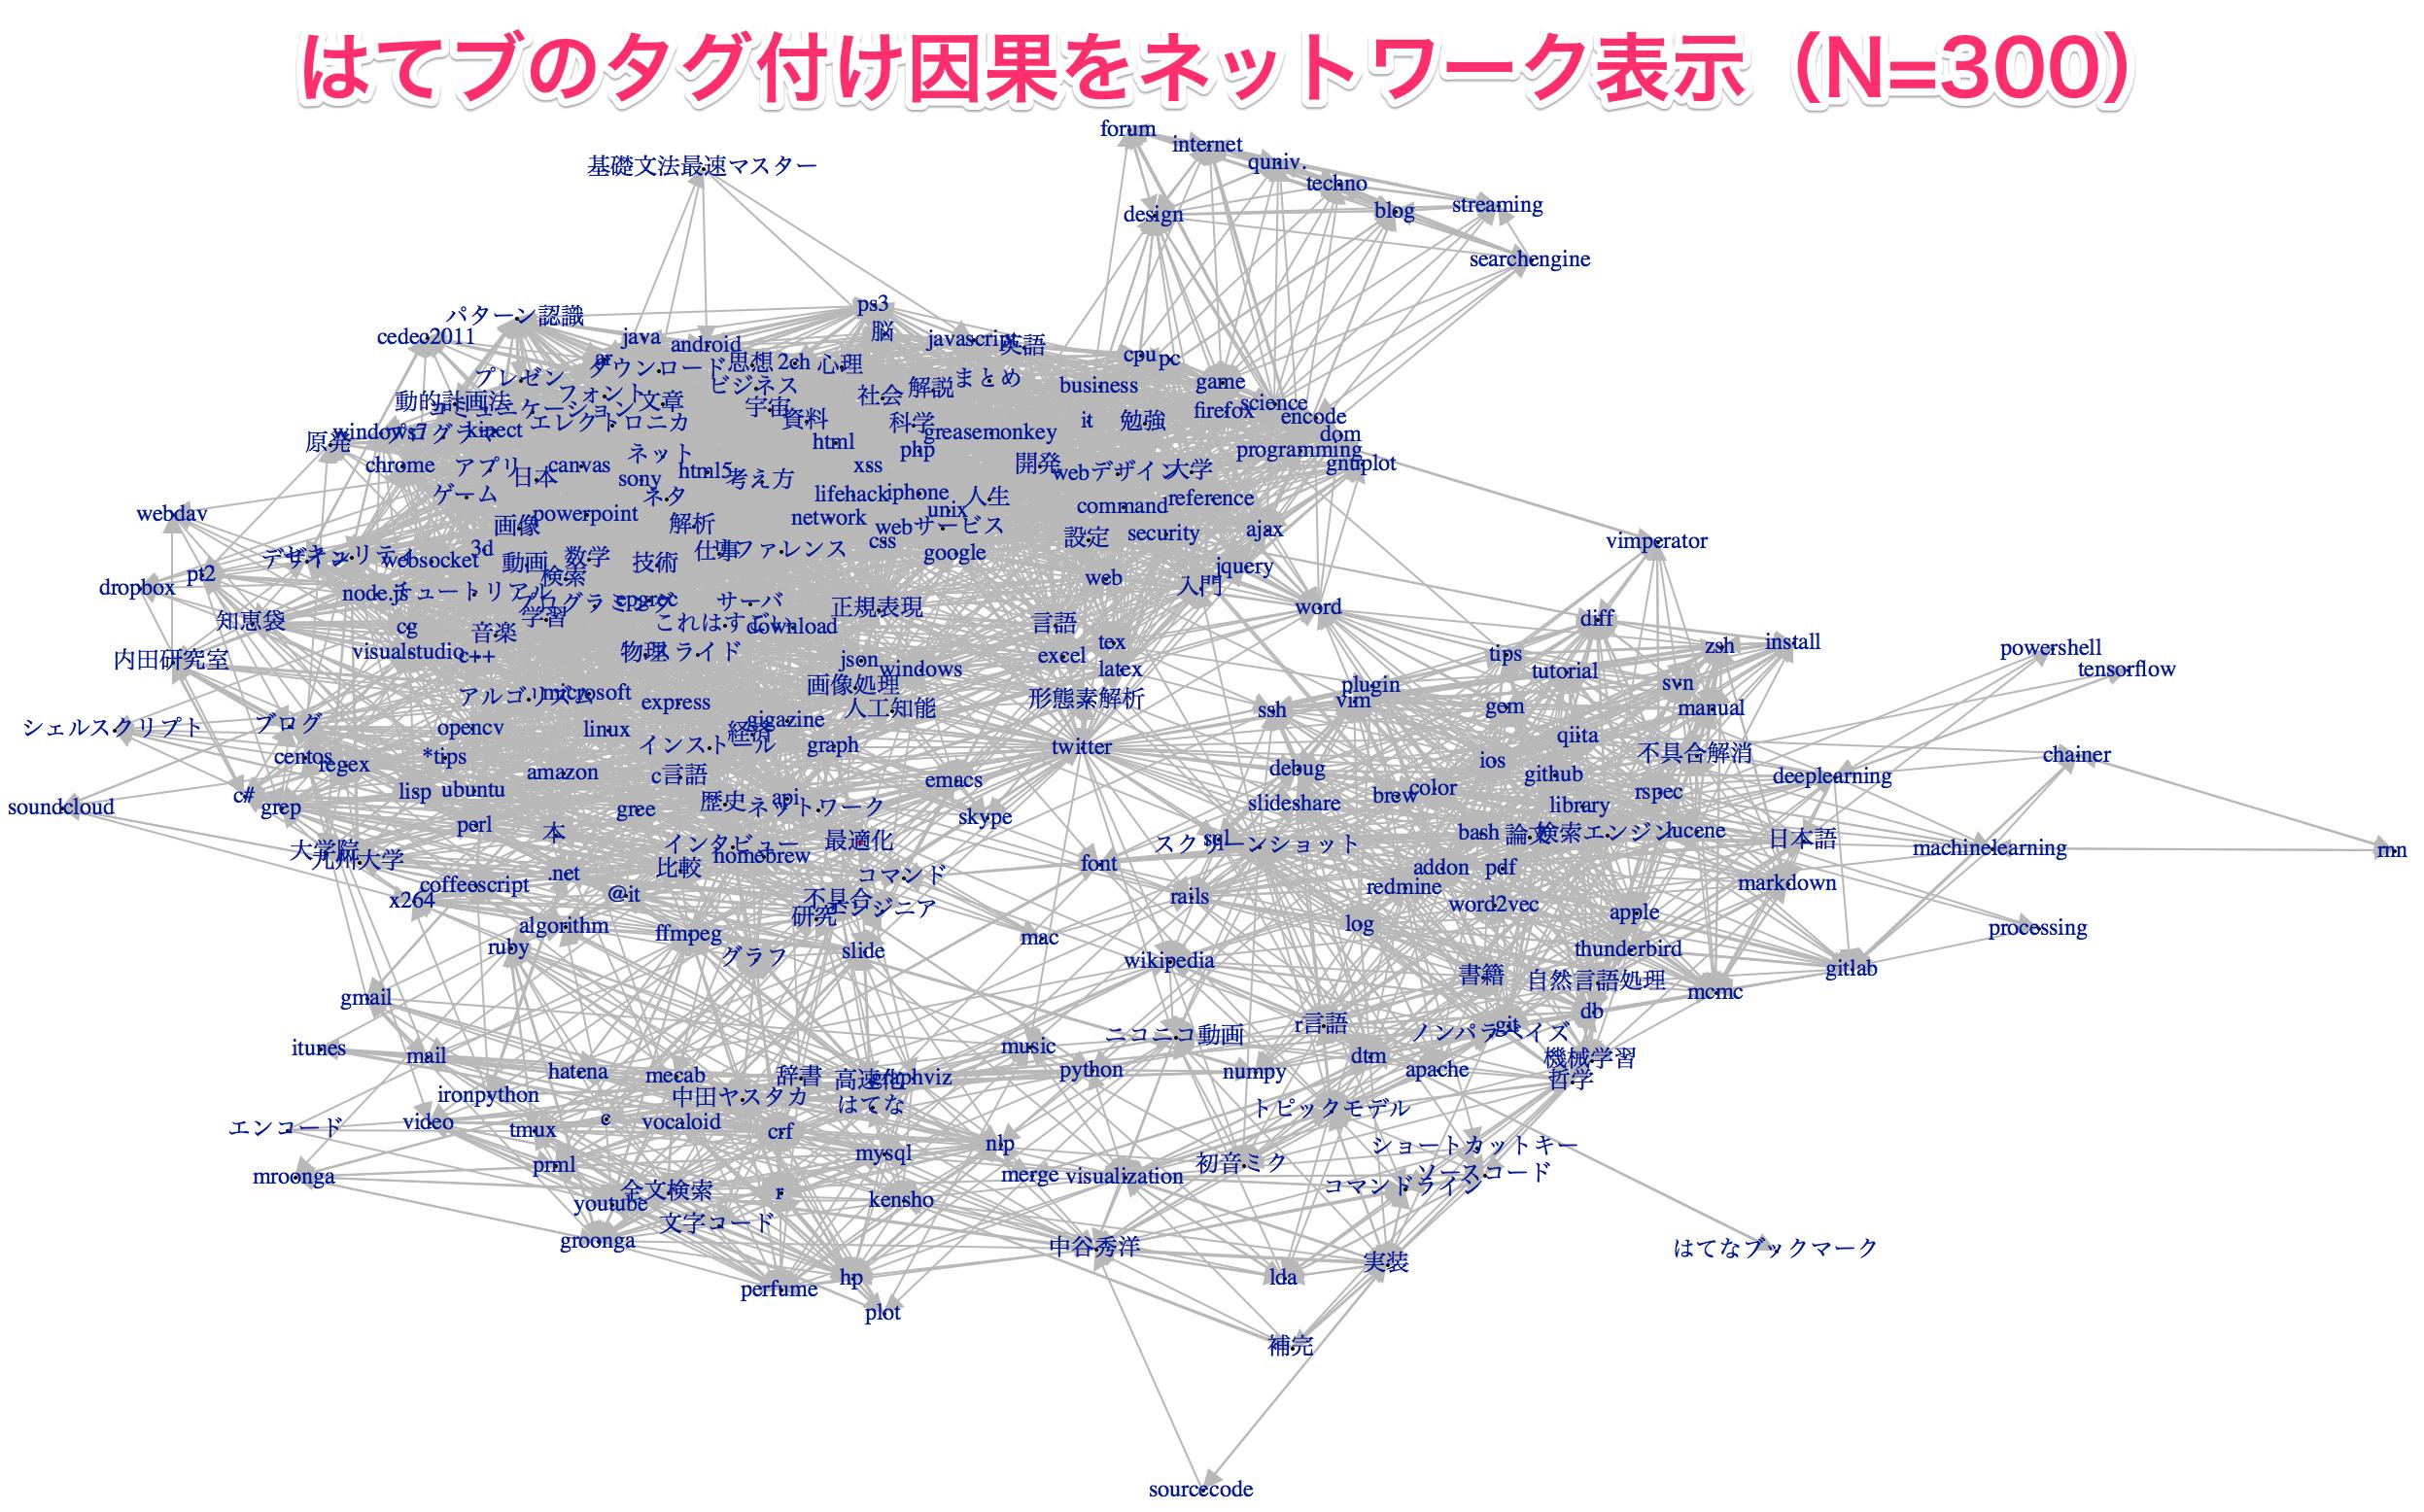 https://github.com/KenshoFujisaki/AnalyseHatenaBookmarkTagSeries/raw/master/img/granger_large.png